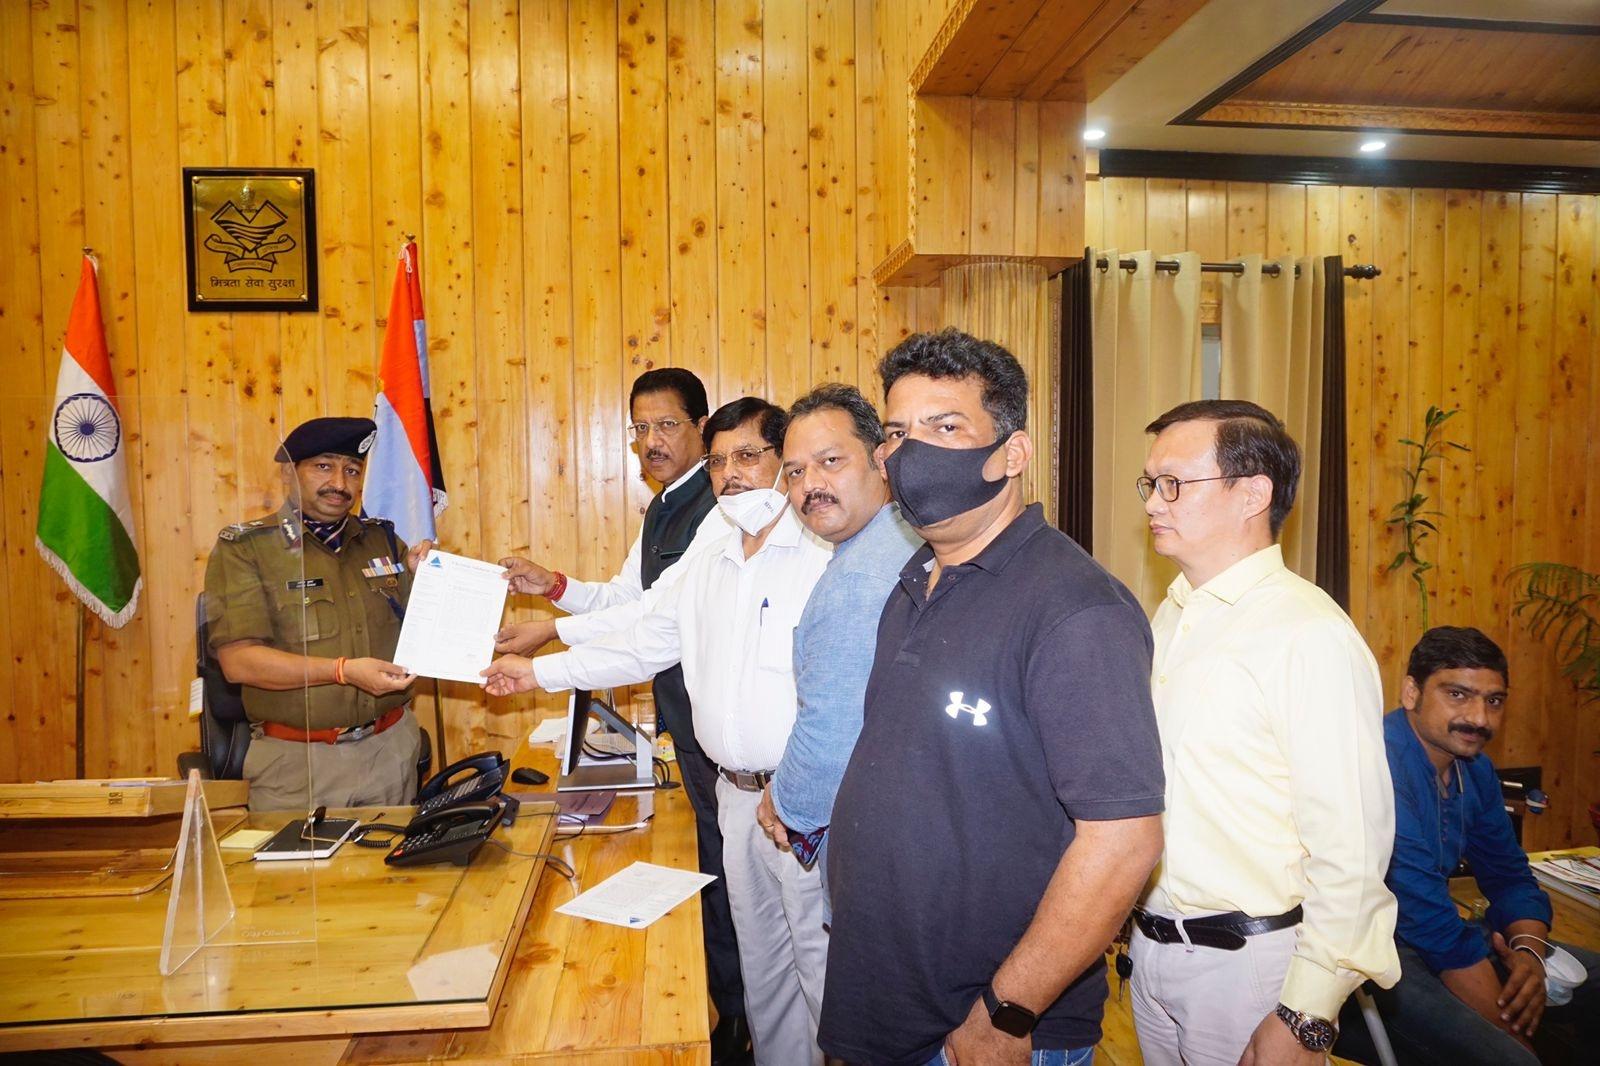 डीजीपी अशोक कुमार को से मिले प्रदेश कांग्रेस उपाध्यक्ष सूर्यकांत धस्माना और ईसाई समुदाय के धार्मिक नेता